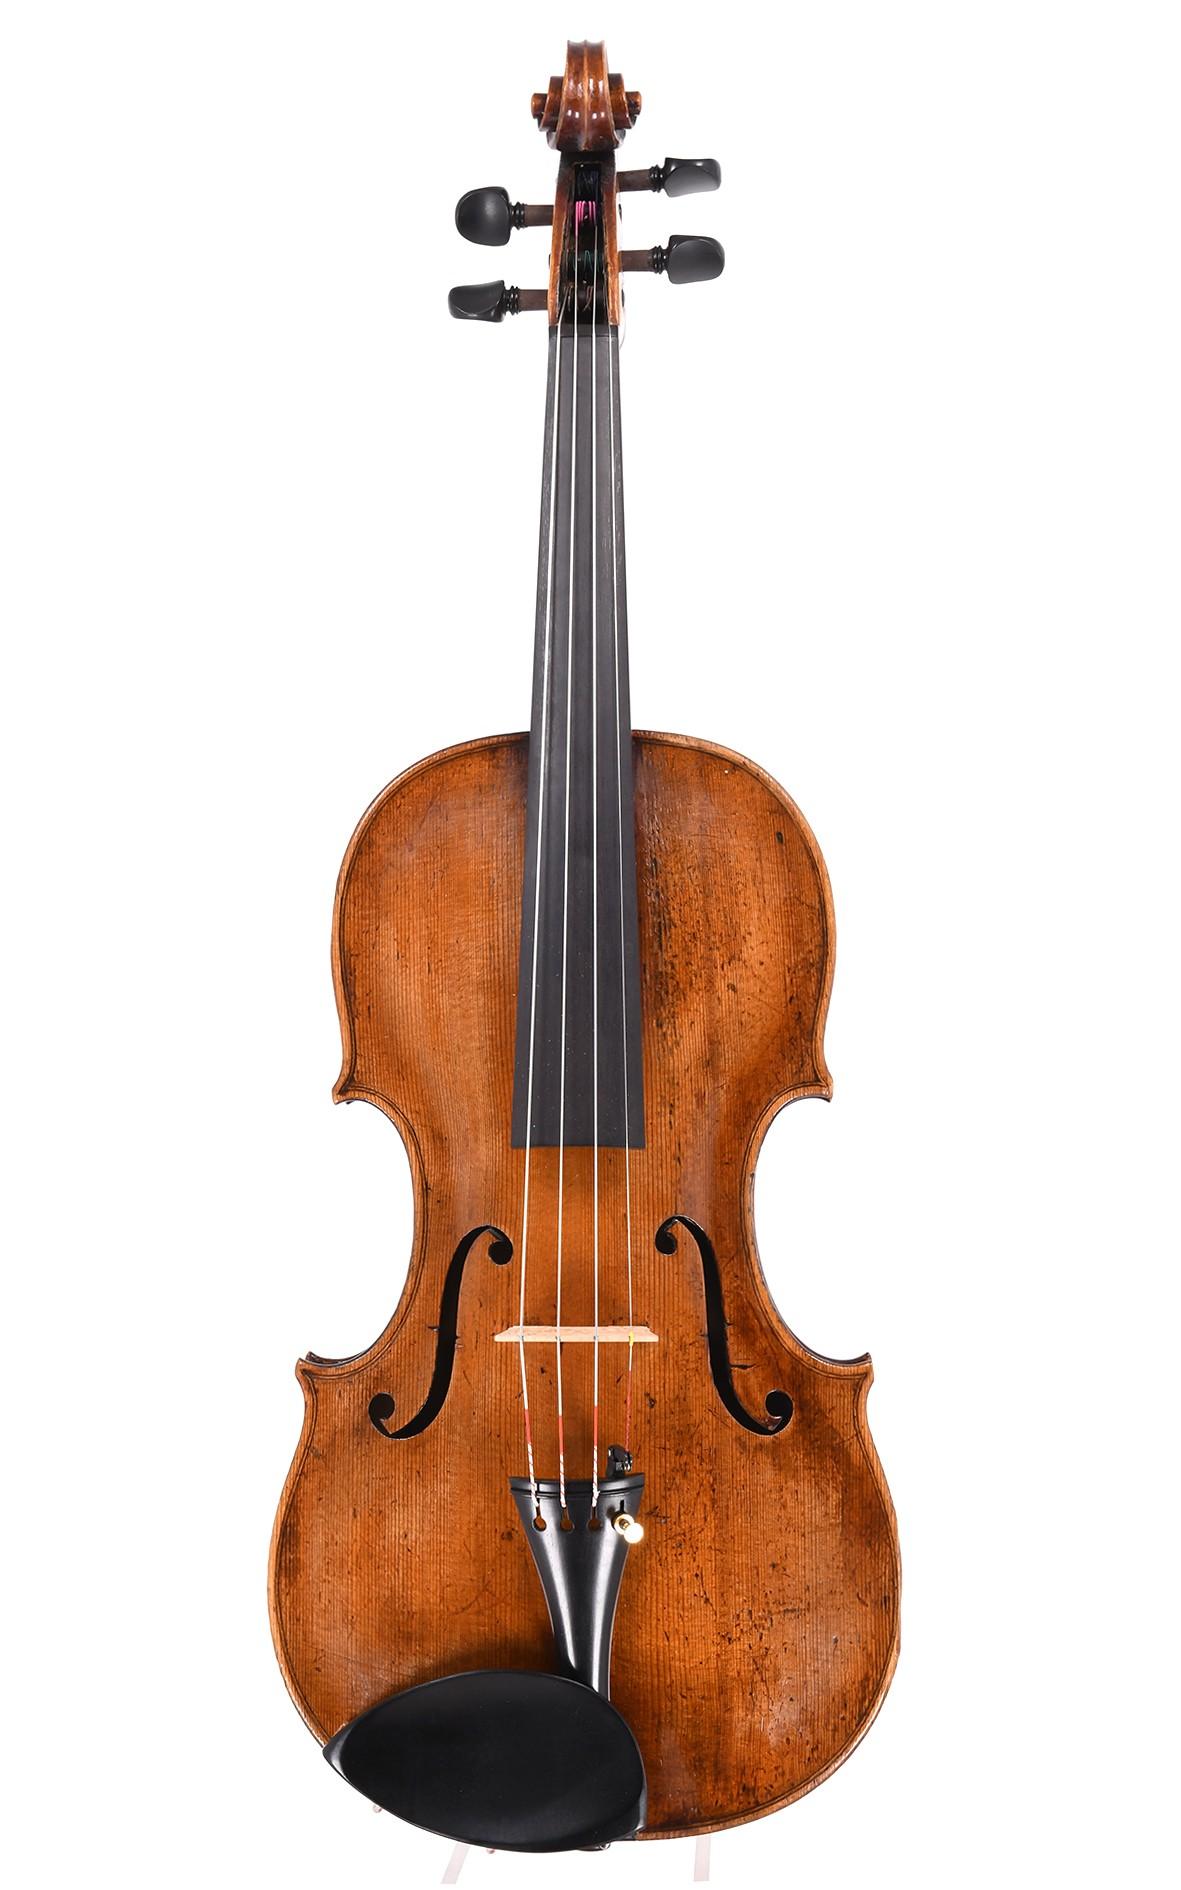 Hopf Geige, Klingenthal um 1800